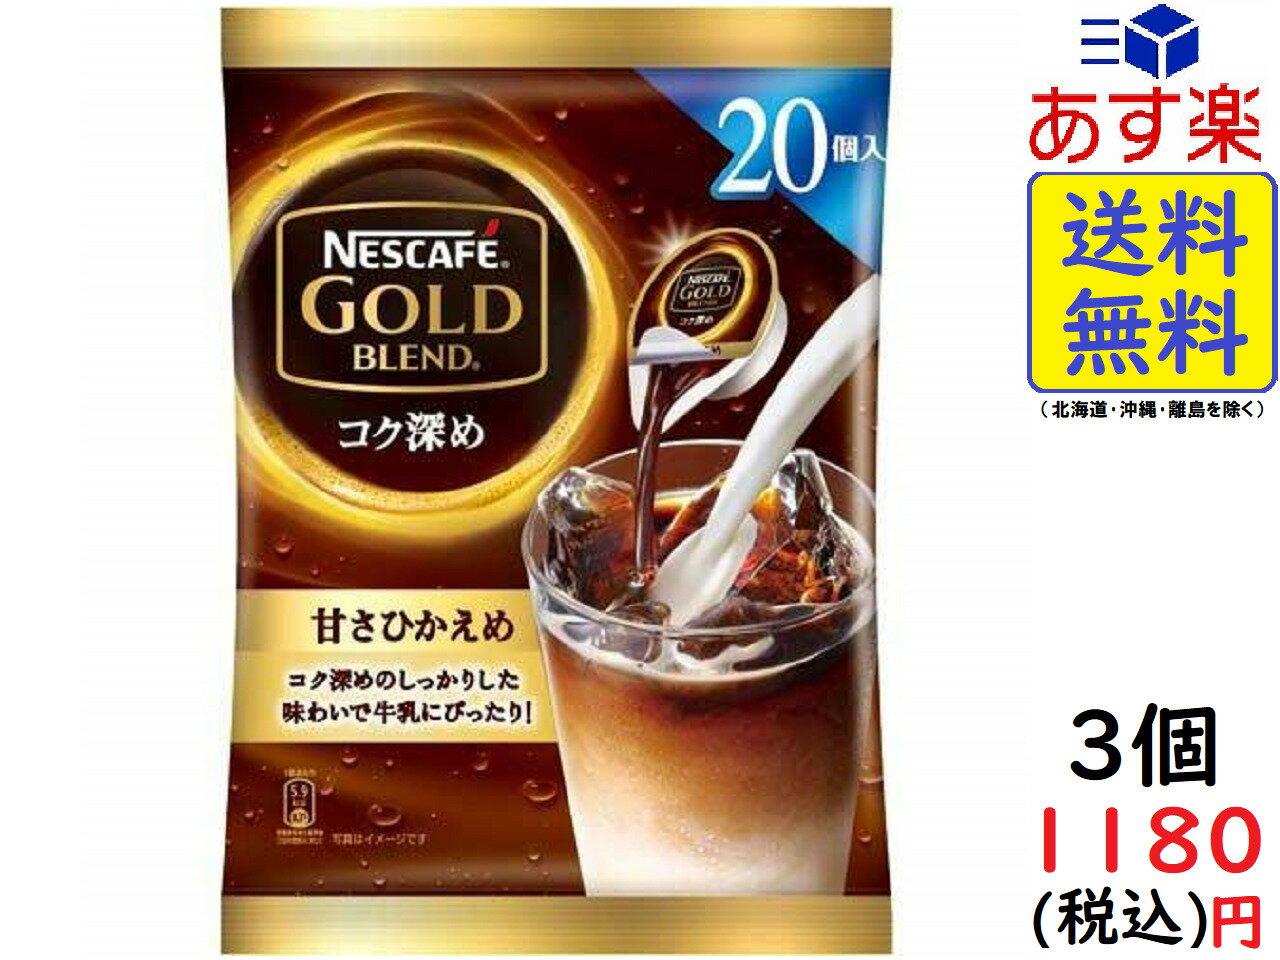 ネスカフェ ゴールドブレンド コク深め ポーション 甘さひかえめ 20個×3袋